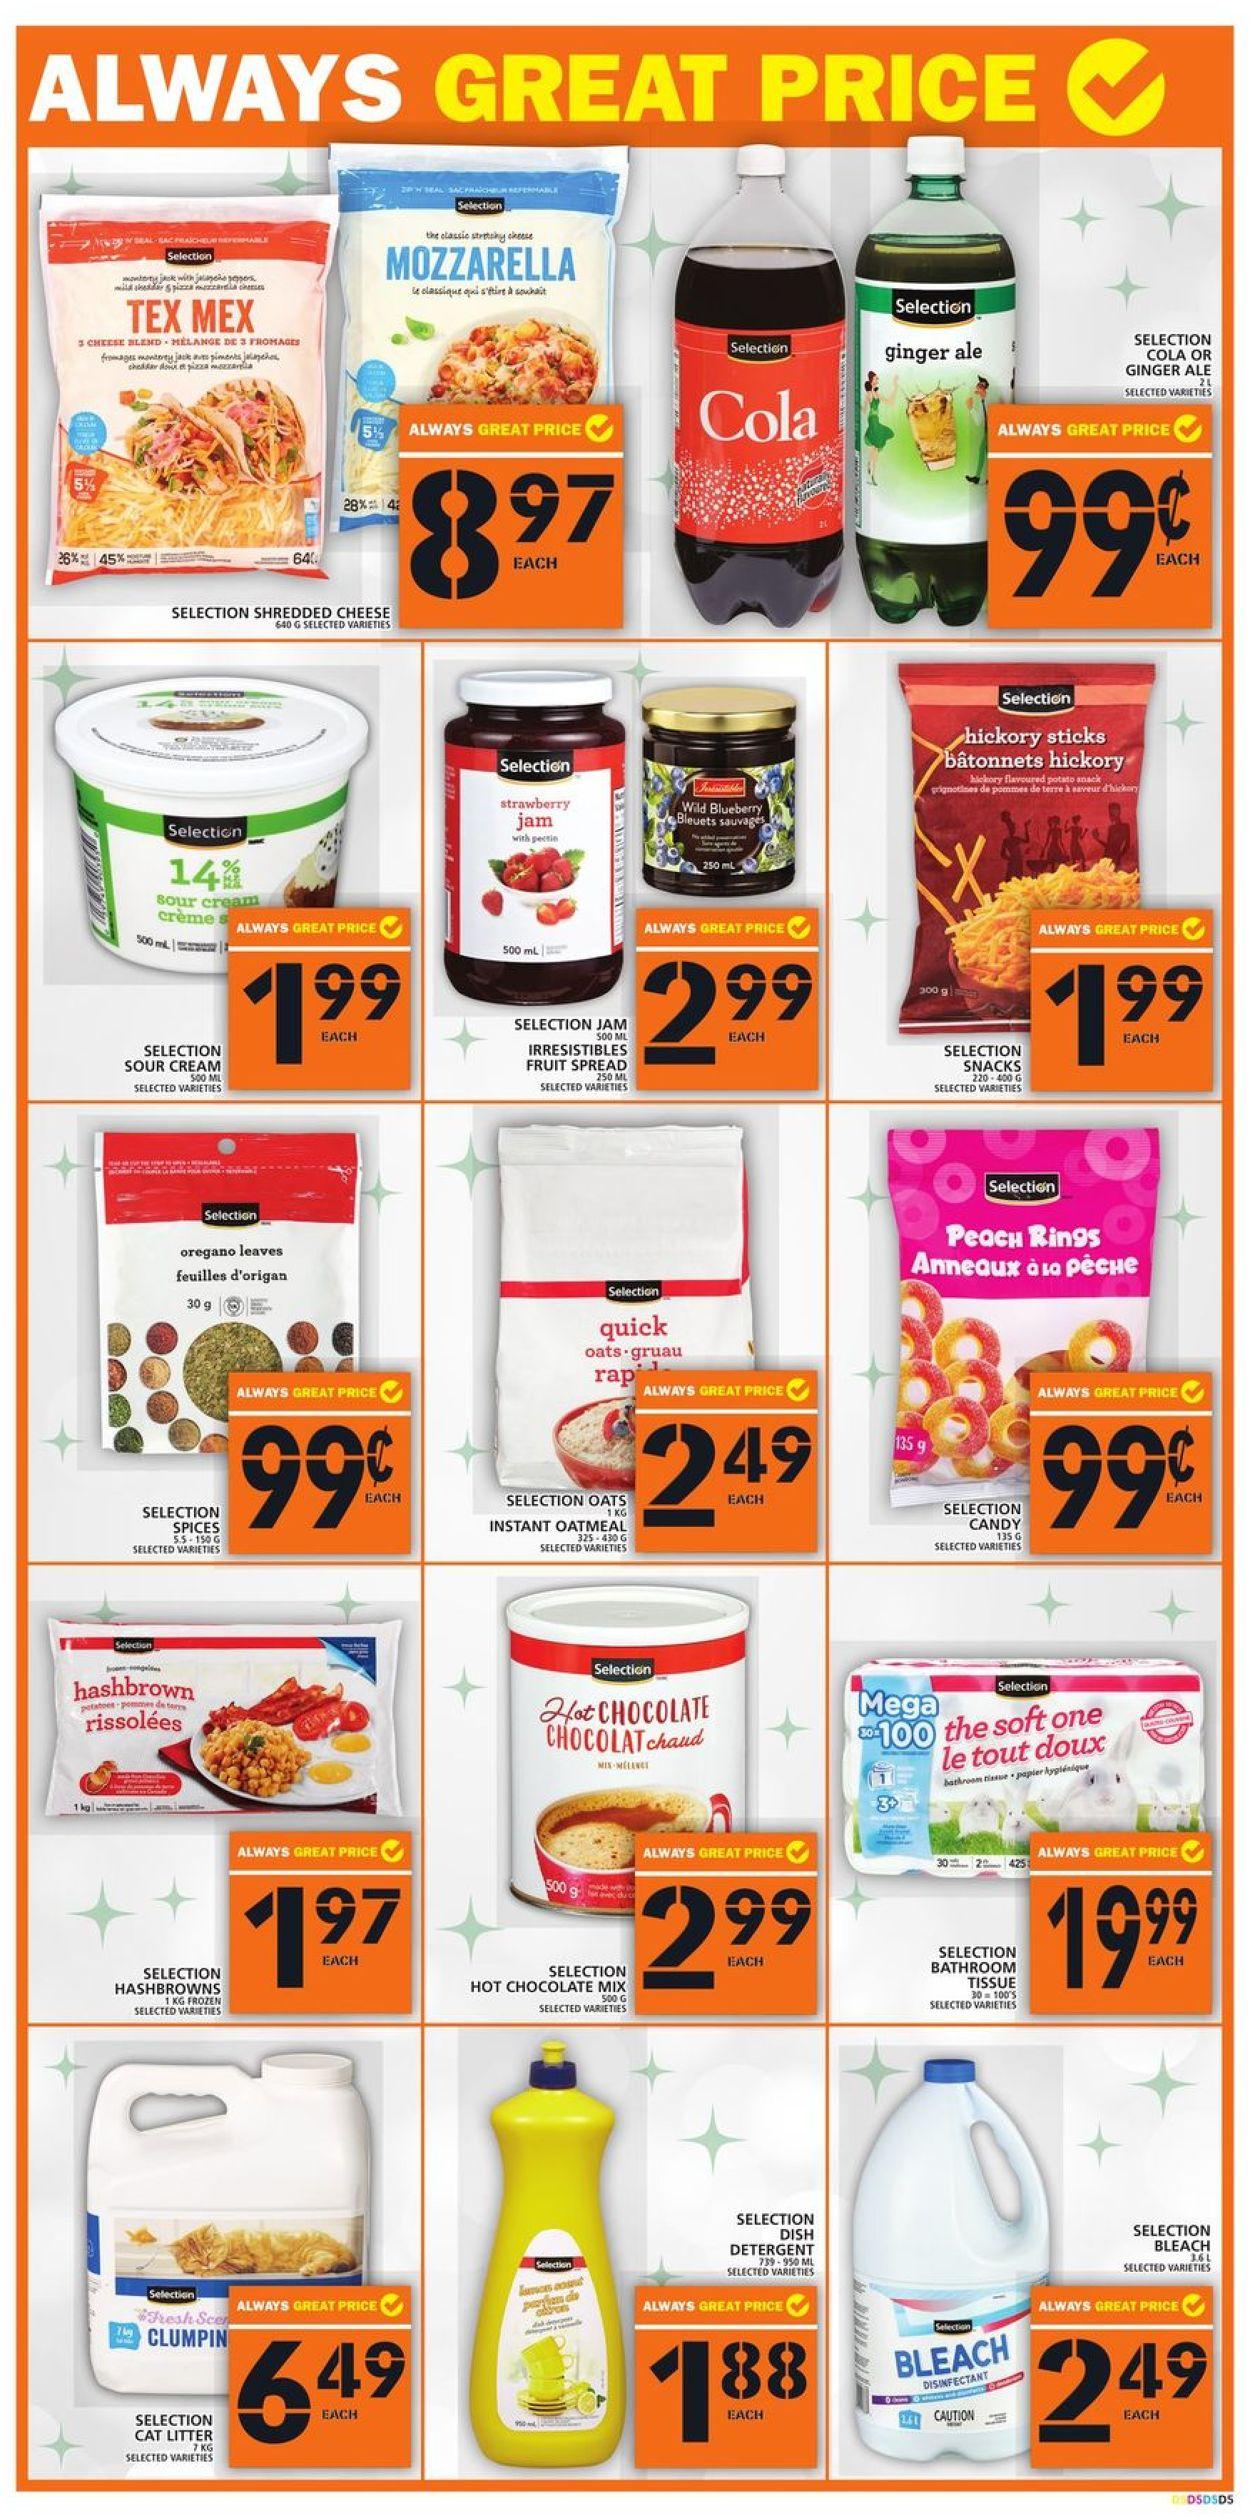 Food Basics - Christmas 2020 Flyer - 12/17-12/24/2020 (Page 6)